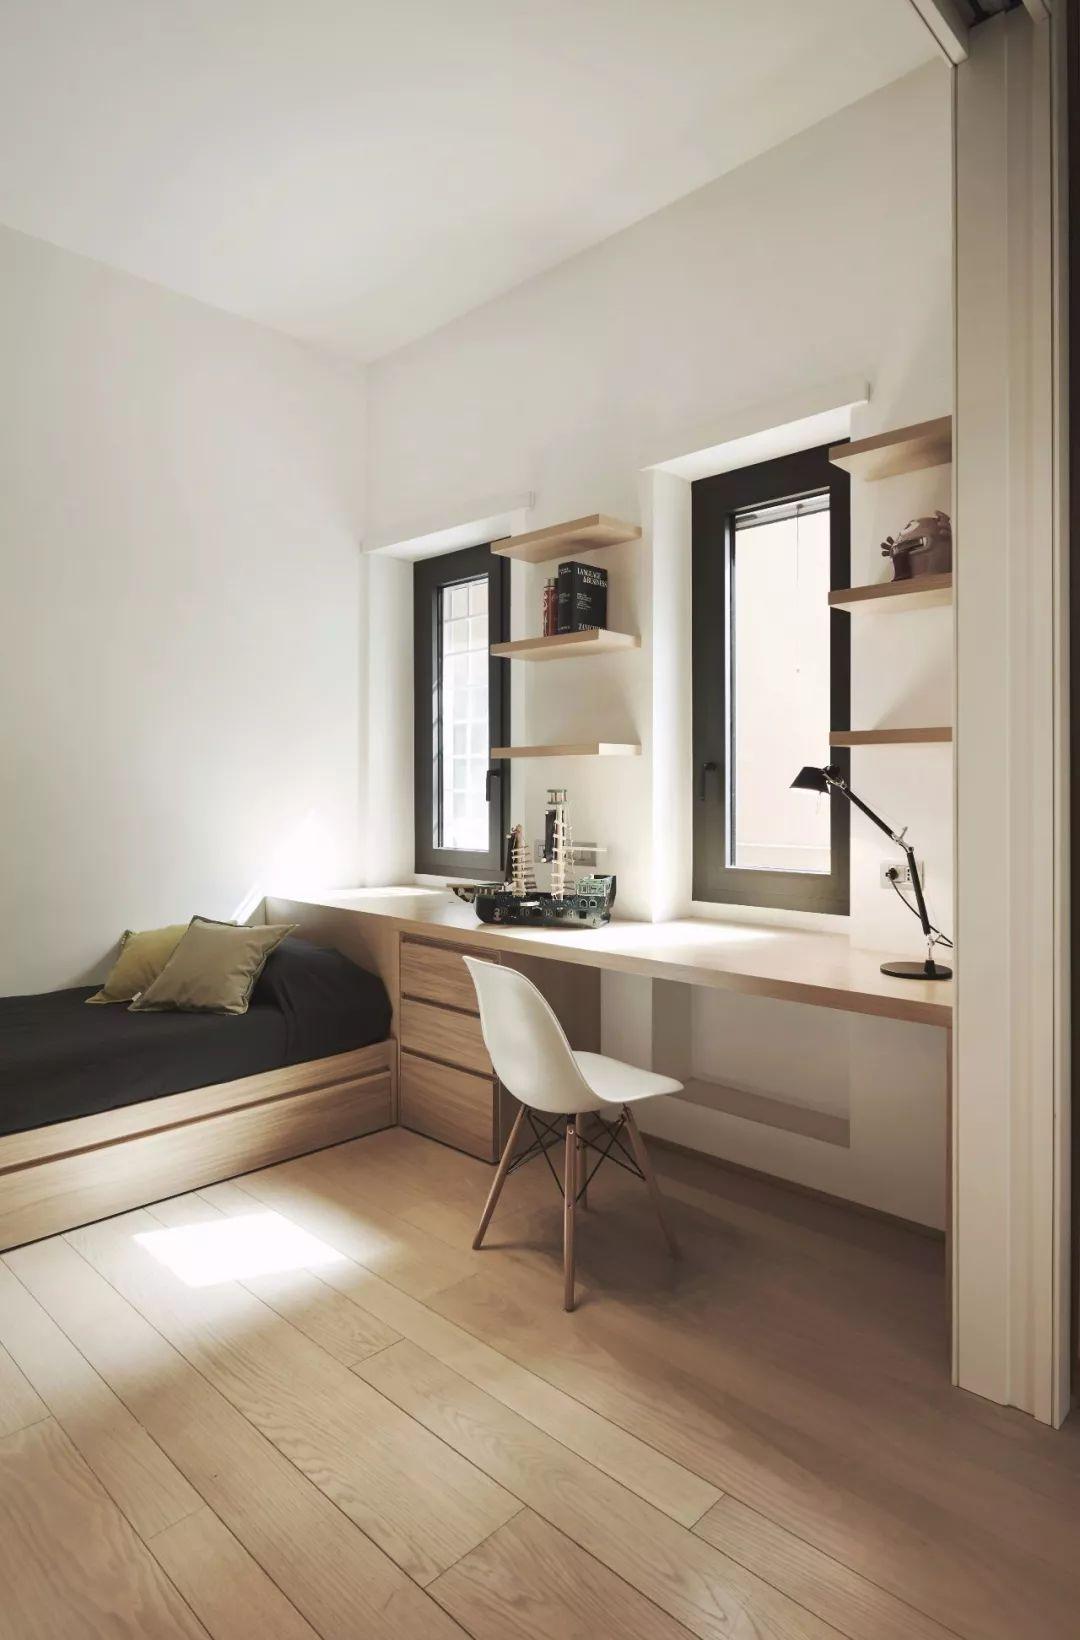 《小舍得》的书房设计:学习好不好,还是得要有书房!真德美门窗